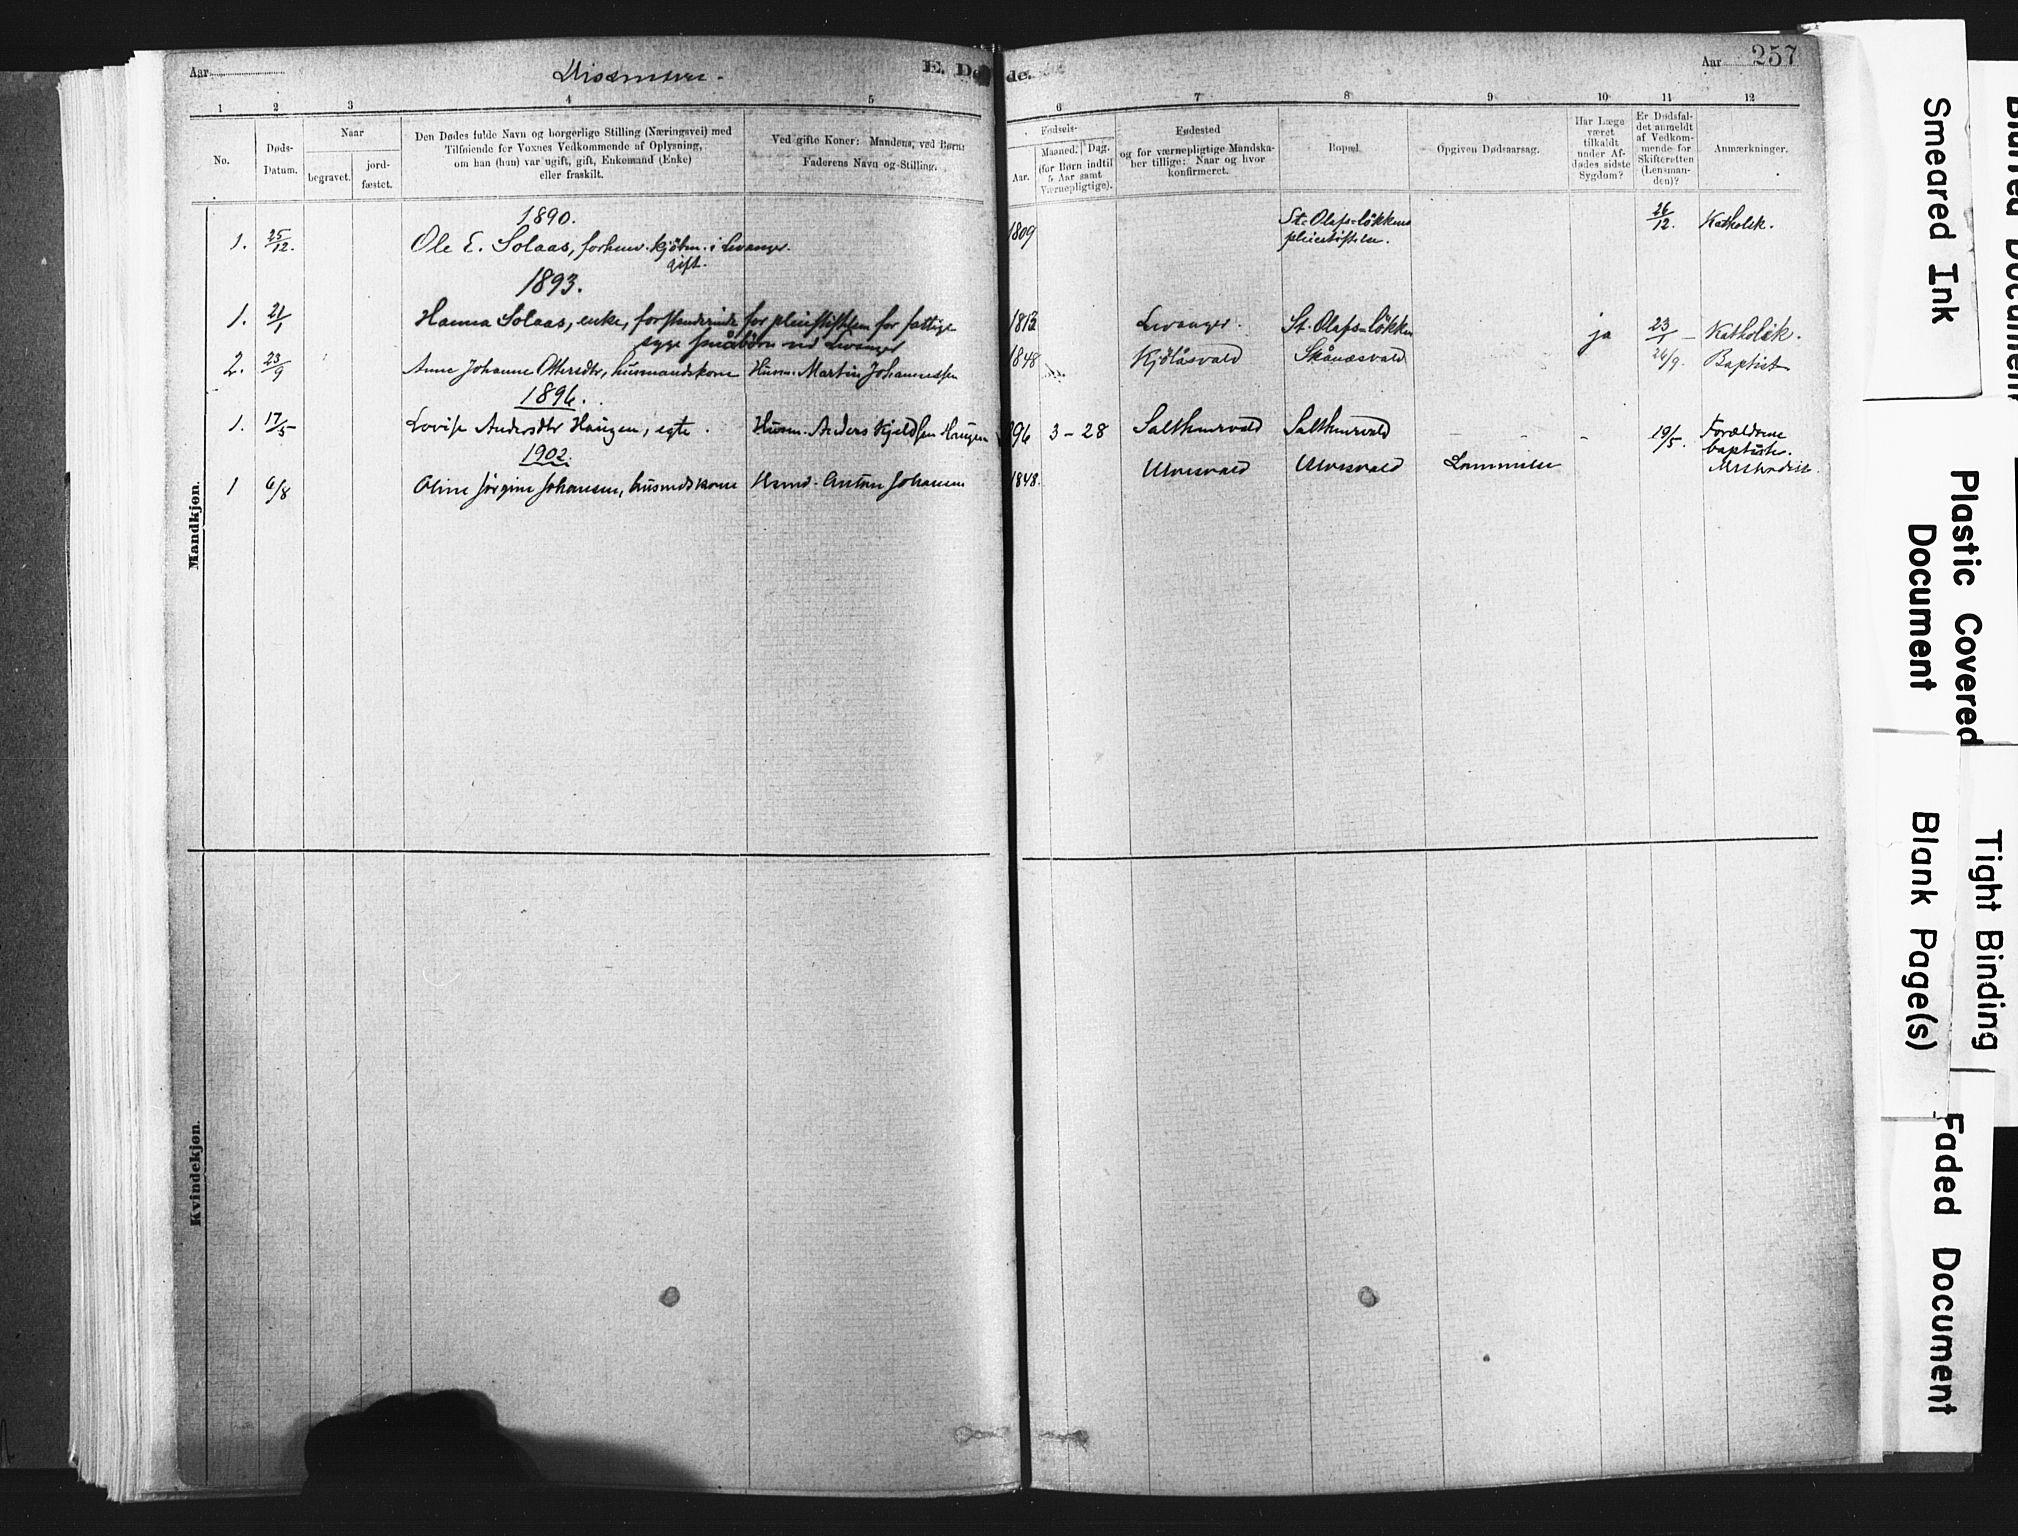 SAT, Ministerialprotokoller, klokkerbøker og fødselsregistre - Nord-Trøndelag, 721/L0207: Ministerialbok nr. 721A02, 1880-1911, s. 257